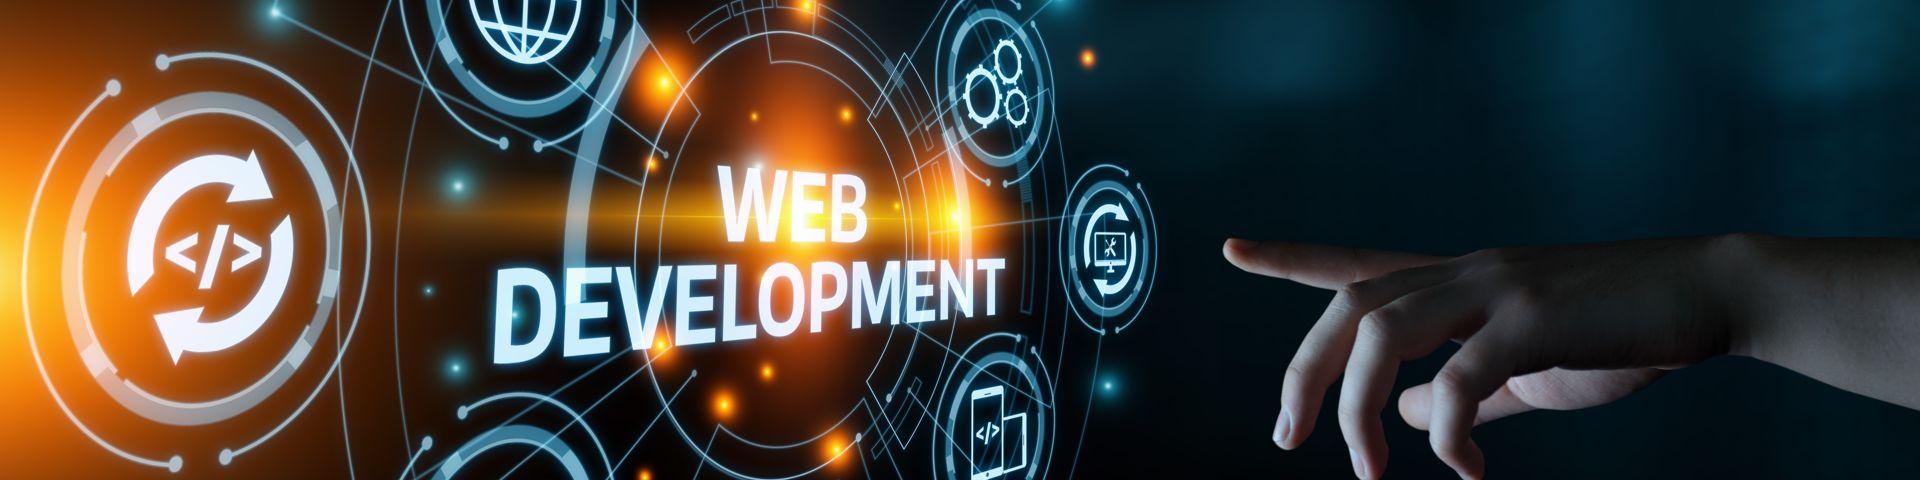 Was ist eine professionelle Wordpress Entwicklung? 1